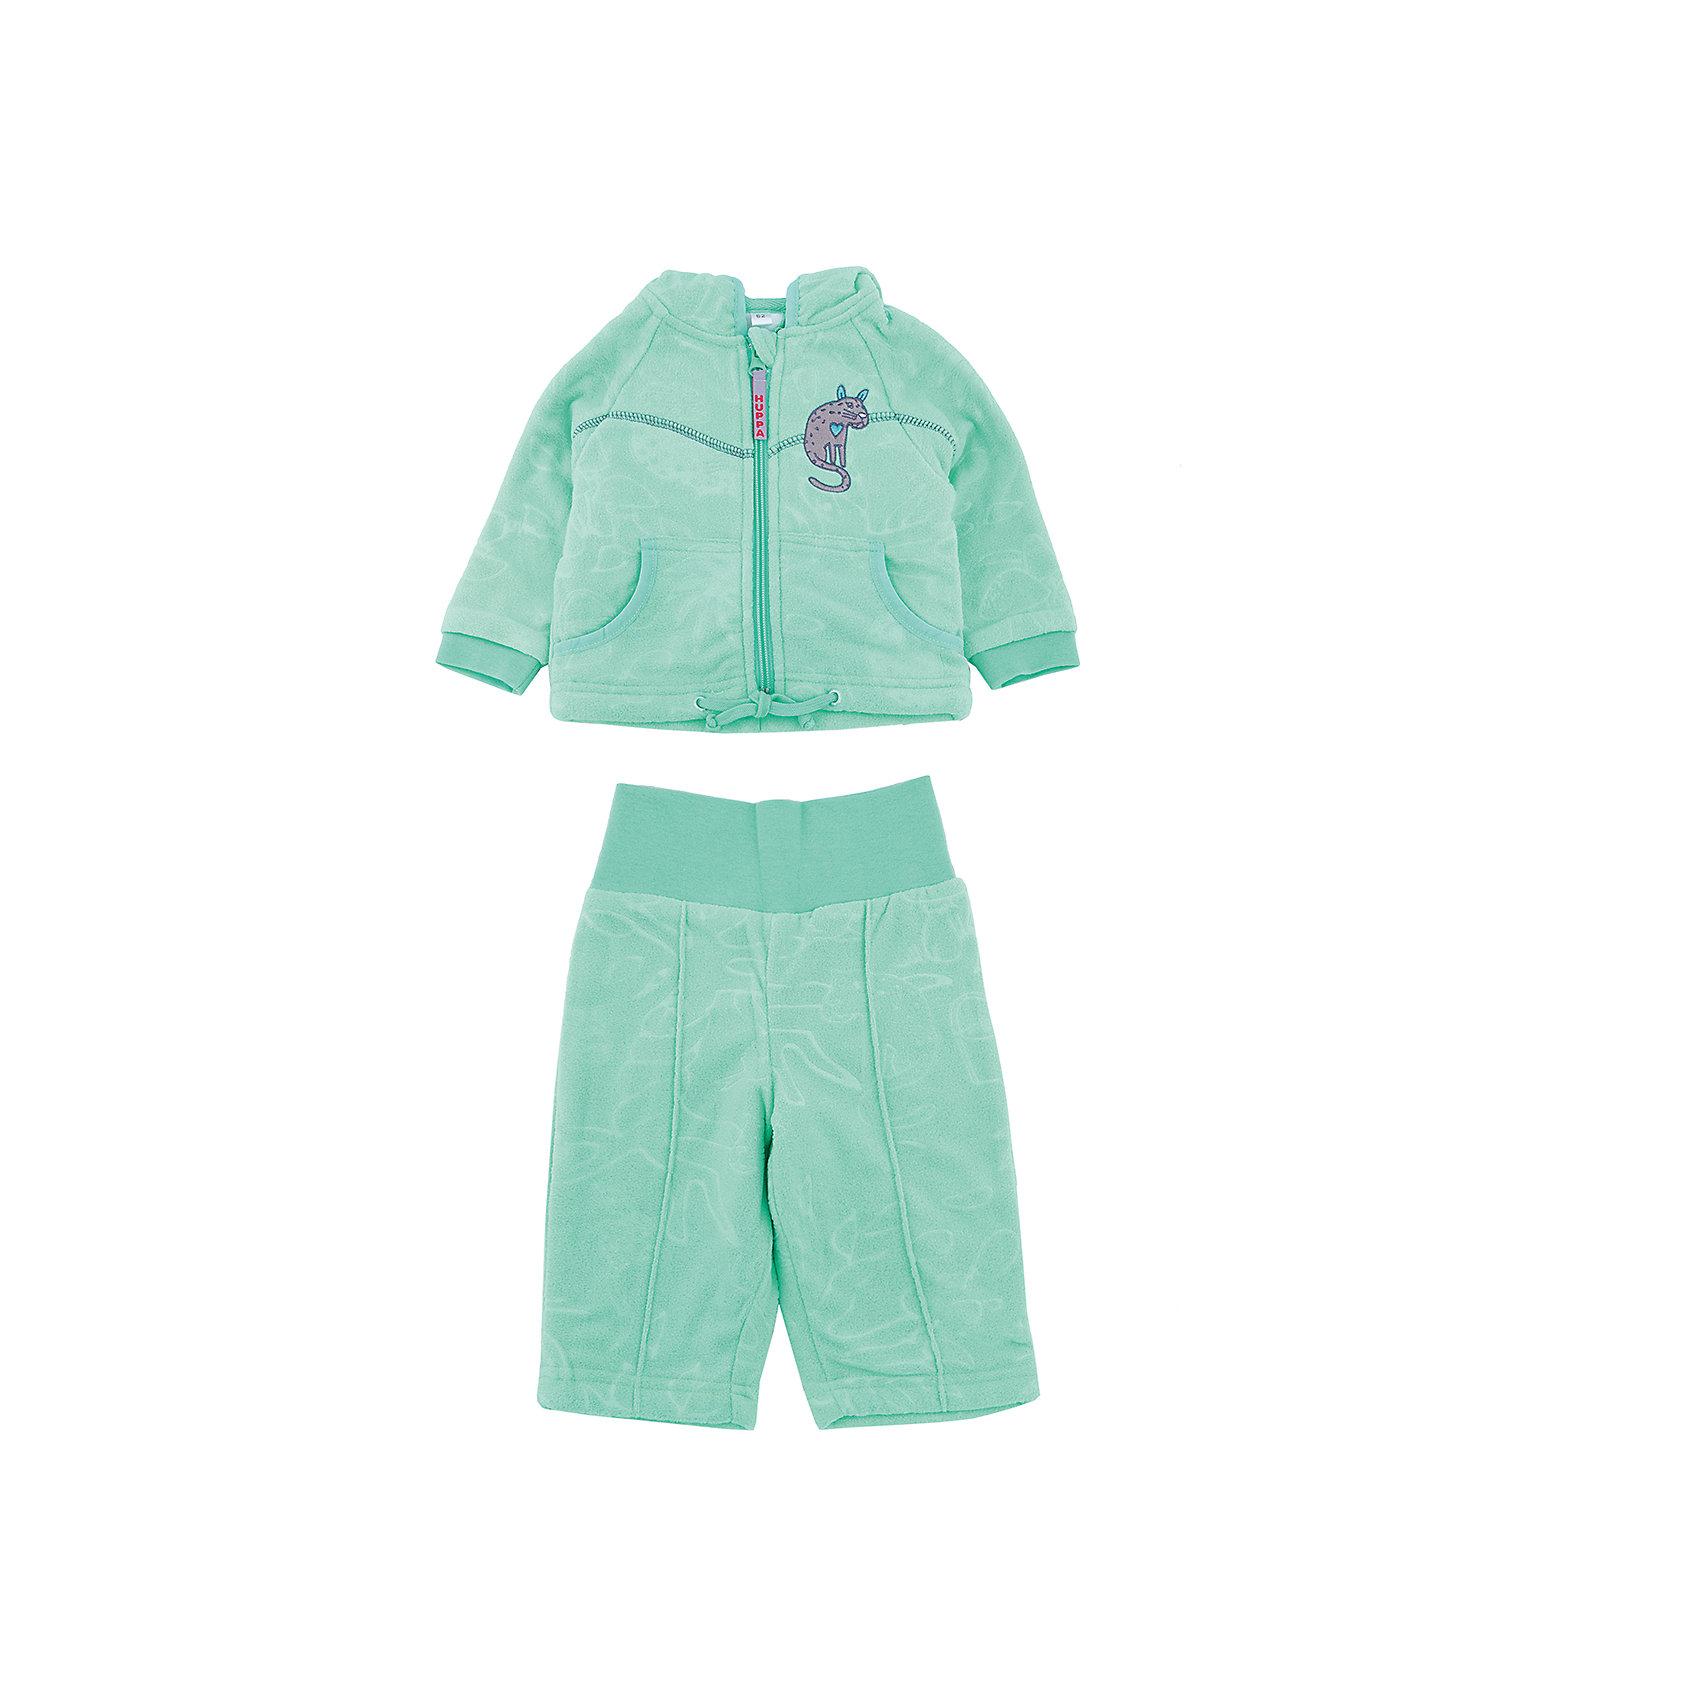 Комплект флисовый JACOBI HuppaФлис и термобелье<br>Характеристики товара:<br><br>• цвет: зелёный<br>• состав: 100% полиэстер (флис), подкладка - 100% хлопок<br>• комплектация: курточка, брюки<br>• застежка: молния<br>• капюшон<br>• мягкие манжеты на куртке<br>• декорирована вышивкой<br>• комфортная посадка<br>• пояс брюк - мягкая резинка<br>• мягкий материал<br>• страна бренда: Эстония<br><br>Такой комплект обеспечит малышам тепло и комфорт. Он сделан из приятного на ощупь материала с мягким ворсом, поэтому изделия не колются и не натирают. Подкладка выполнена из дышащего и гипоаллергенного хлопка. Комплект очень симпатично смотрится, яркая расцветка и отделка добавляют ему оригинальности. Модель была разработана специально для малышей.<br><br>Одежда и обувь от популярного эстонского бренда Huppa - отличный вариант одеть ребенка можно и комфортно. Вещи, выпускаемые компанией, качественные, продуманные и очень удобные. Для производства изделий используются только безопасные для детей материалы. Продукция от Huppa порадует и детей, и их родителей!<br><br>Комплект флисовый JACOBI от бренда Huppa (Хуппа) можно купить в нашем интернет-магазине.<br><br>Ширина мм: 190<br>Глубина мм: 74<br>Высота мм: 229<br>Вес г: 236<br>Цвет: зеленый<br>Возраст от месяцев: 18<br>Возраст до месяцев: 24<br>Пол: Унисекс<br>Возраст: Детский<br>Размер: 92,86,62,68,74,80<br>SKU: 5347540